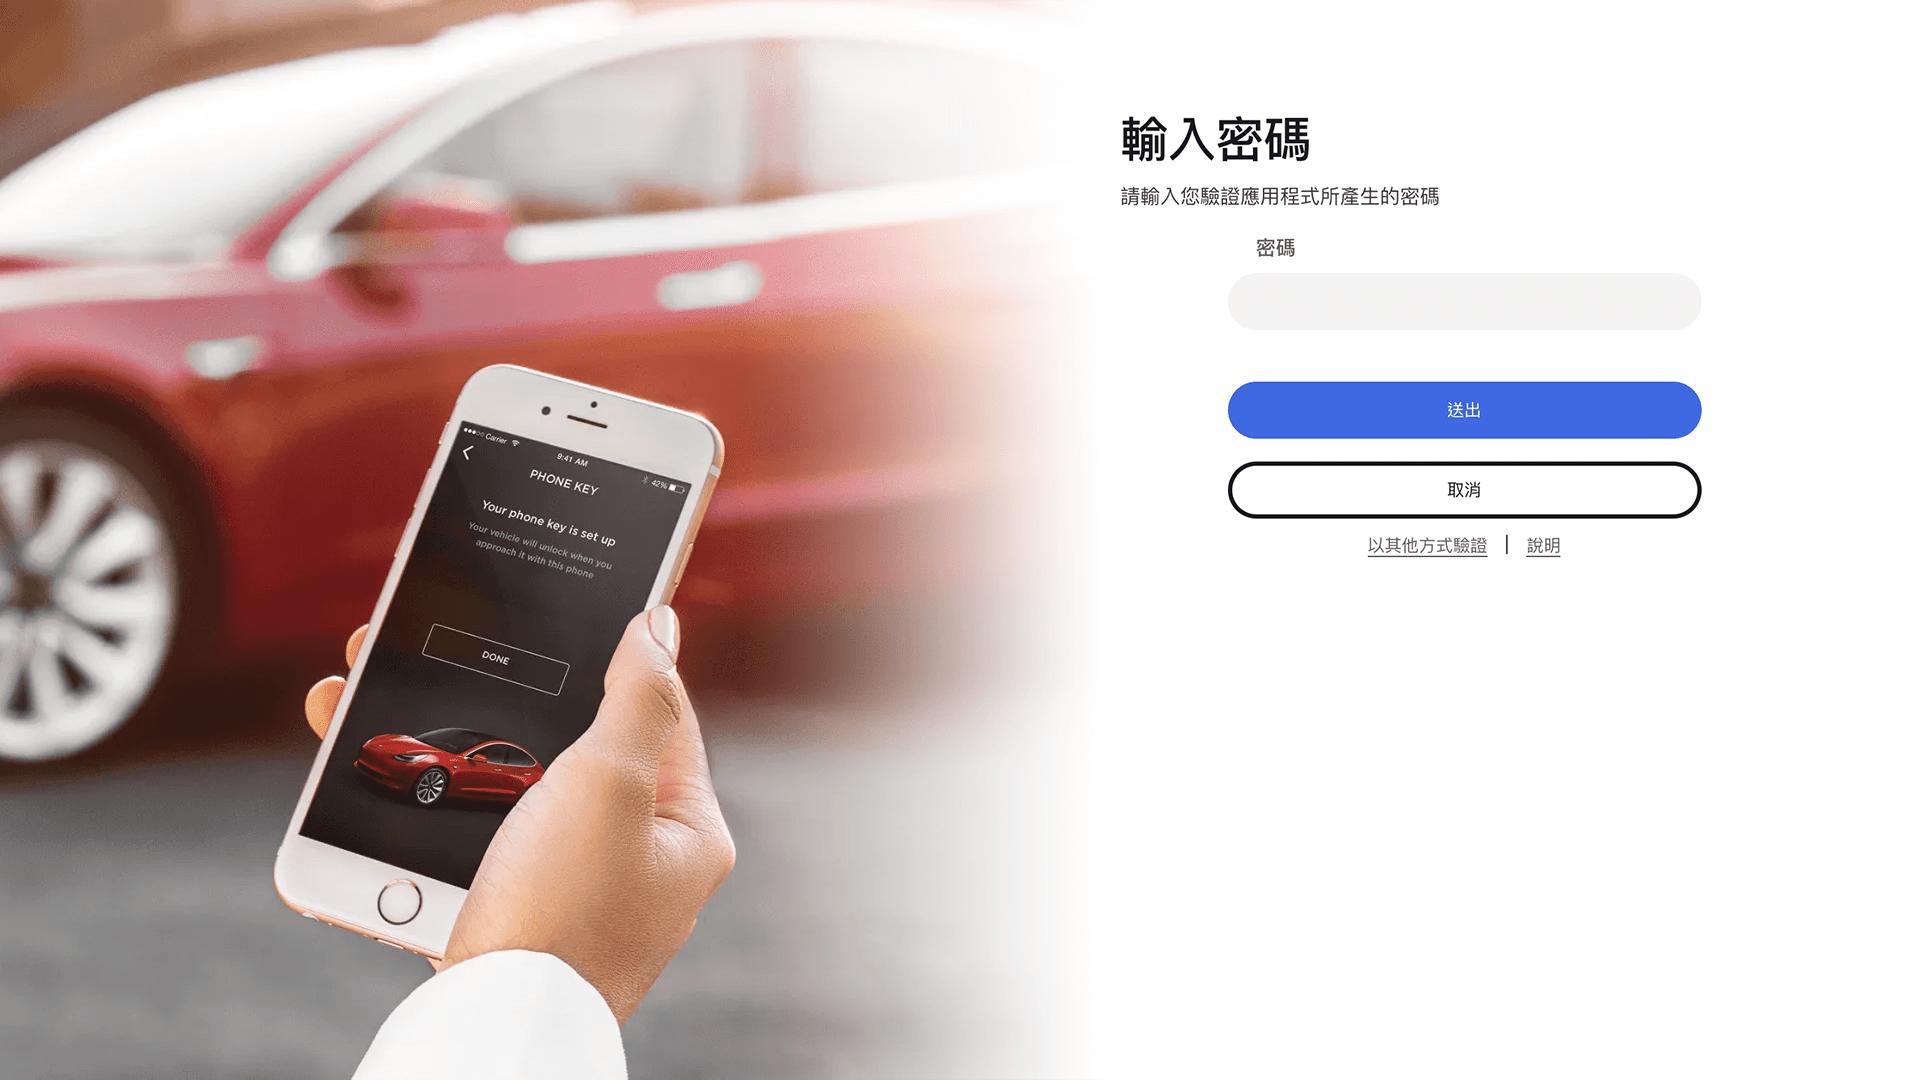 開啟 Tesla 帳戶的「兩步驟驗證」功能確保帳戶安全性